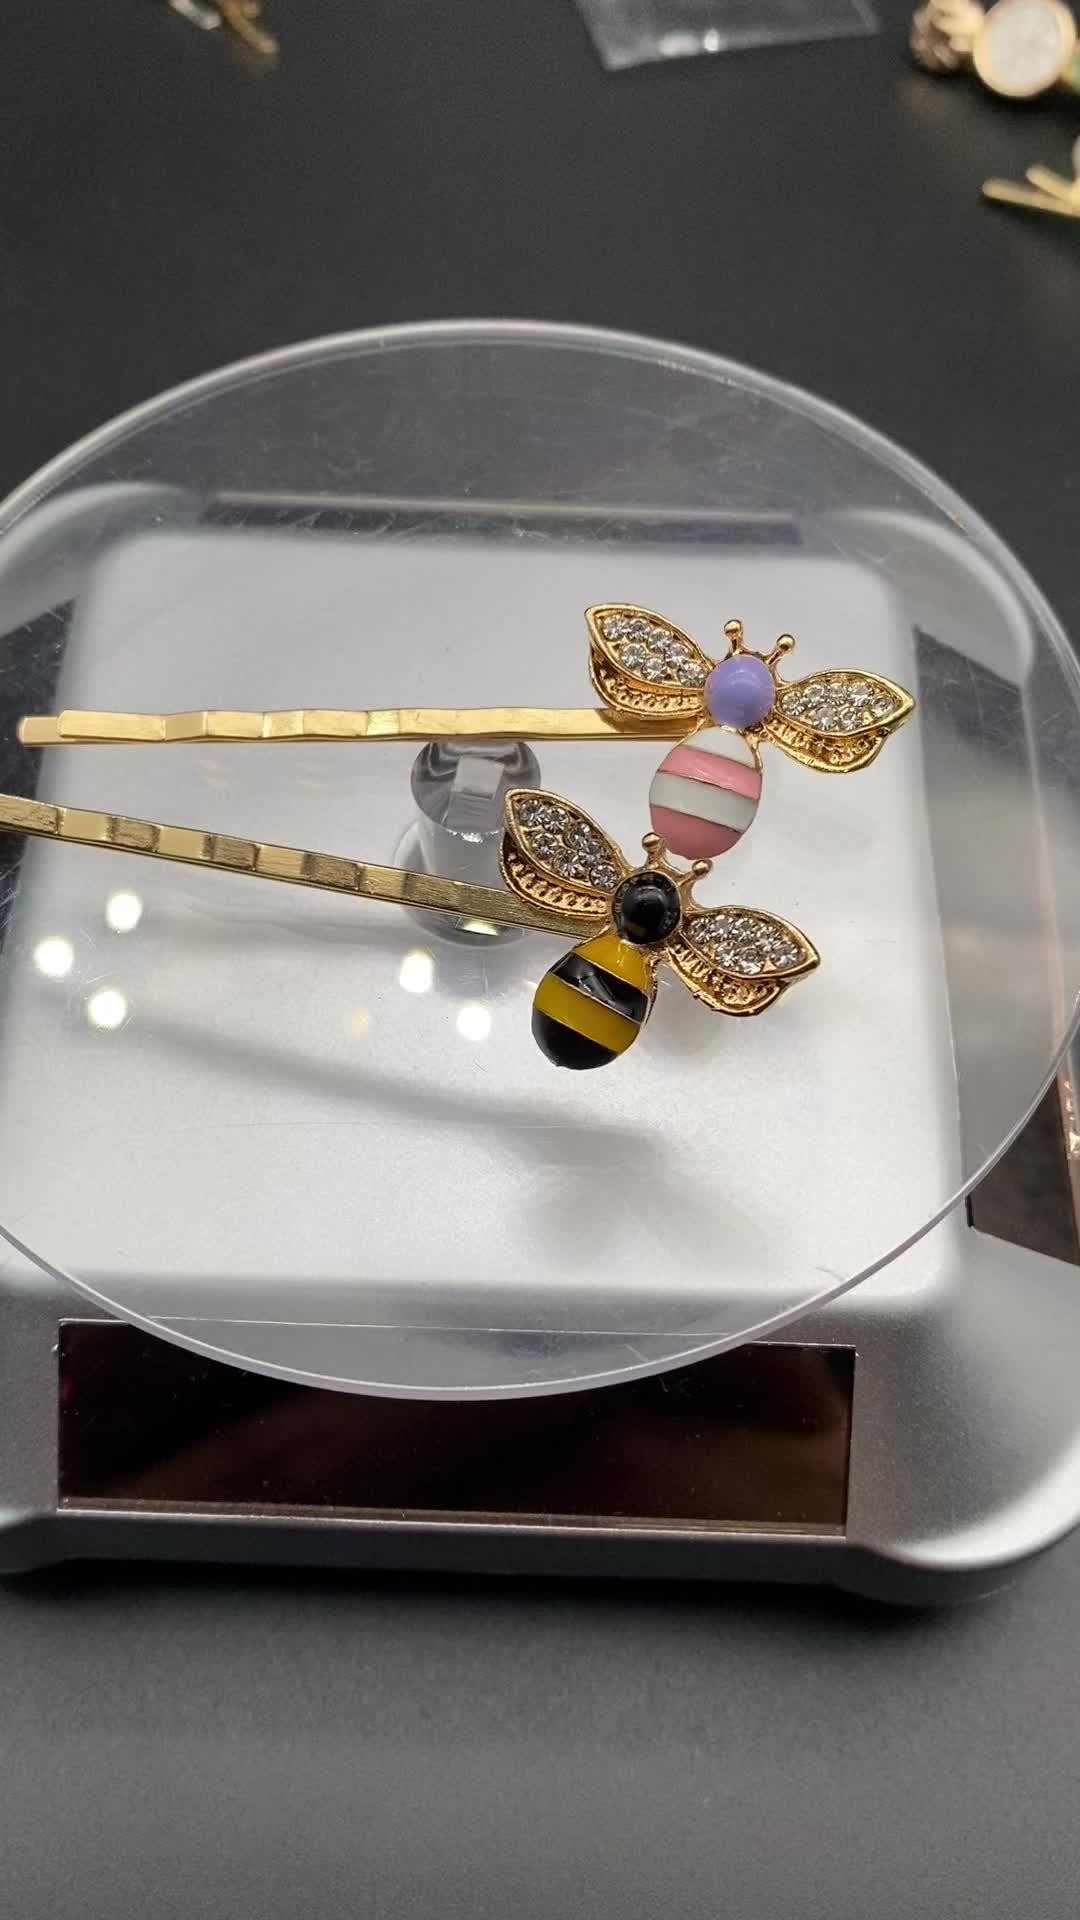 인기있는 일본 작은 컬러 꿀벌 세트 다이아몬드 헤어핀 여성 헤어 장식품